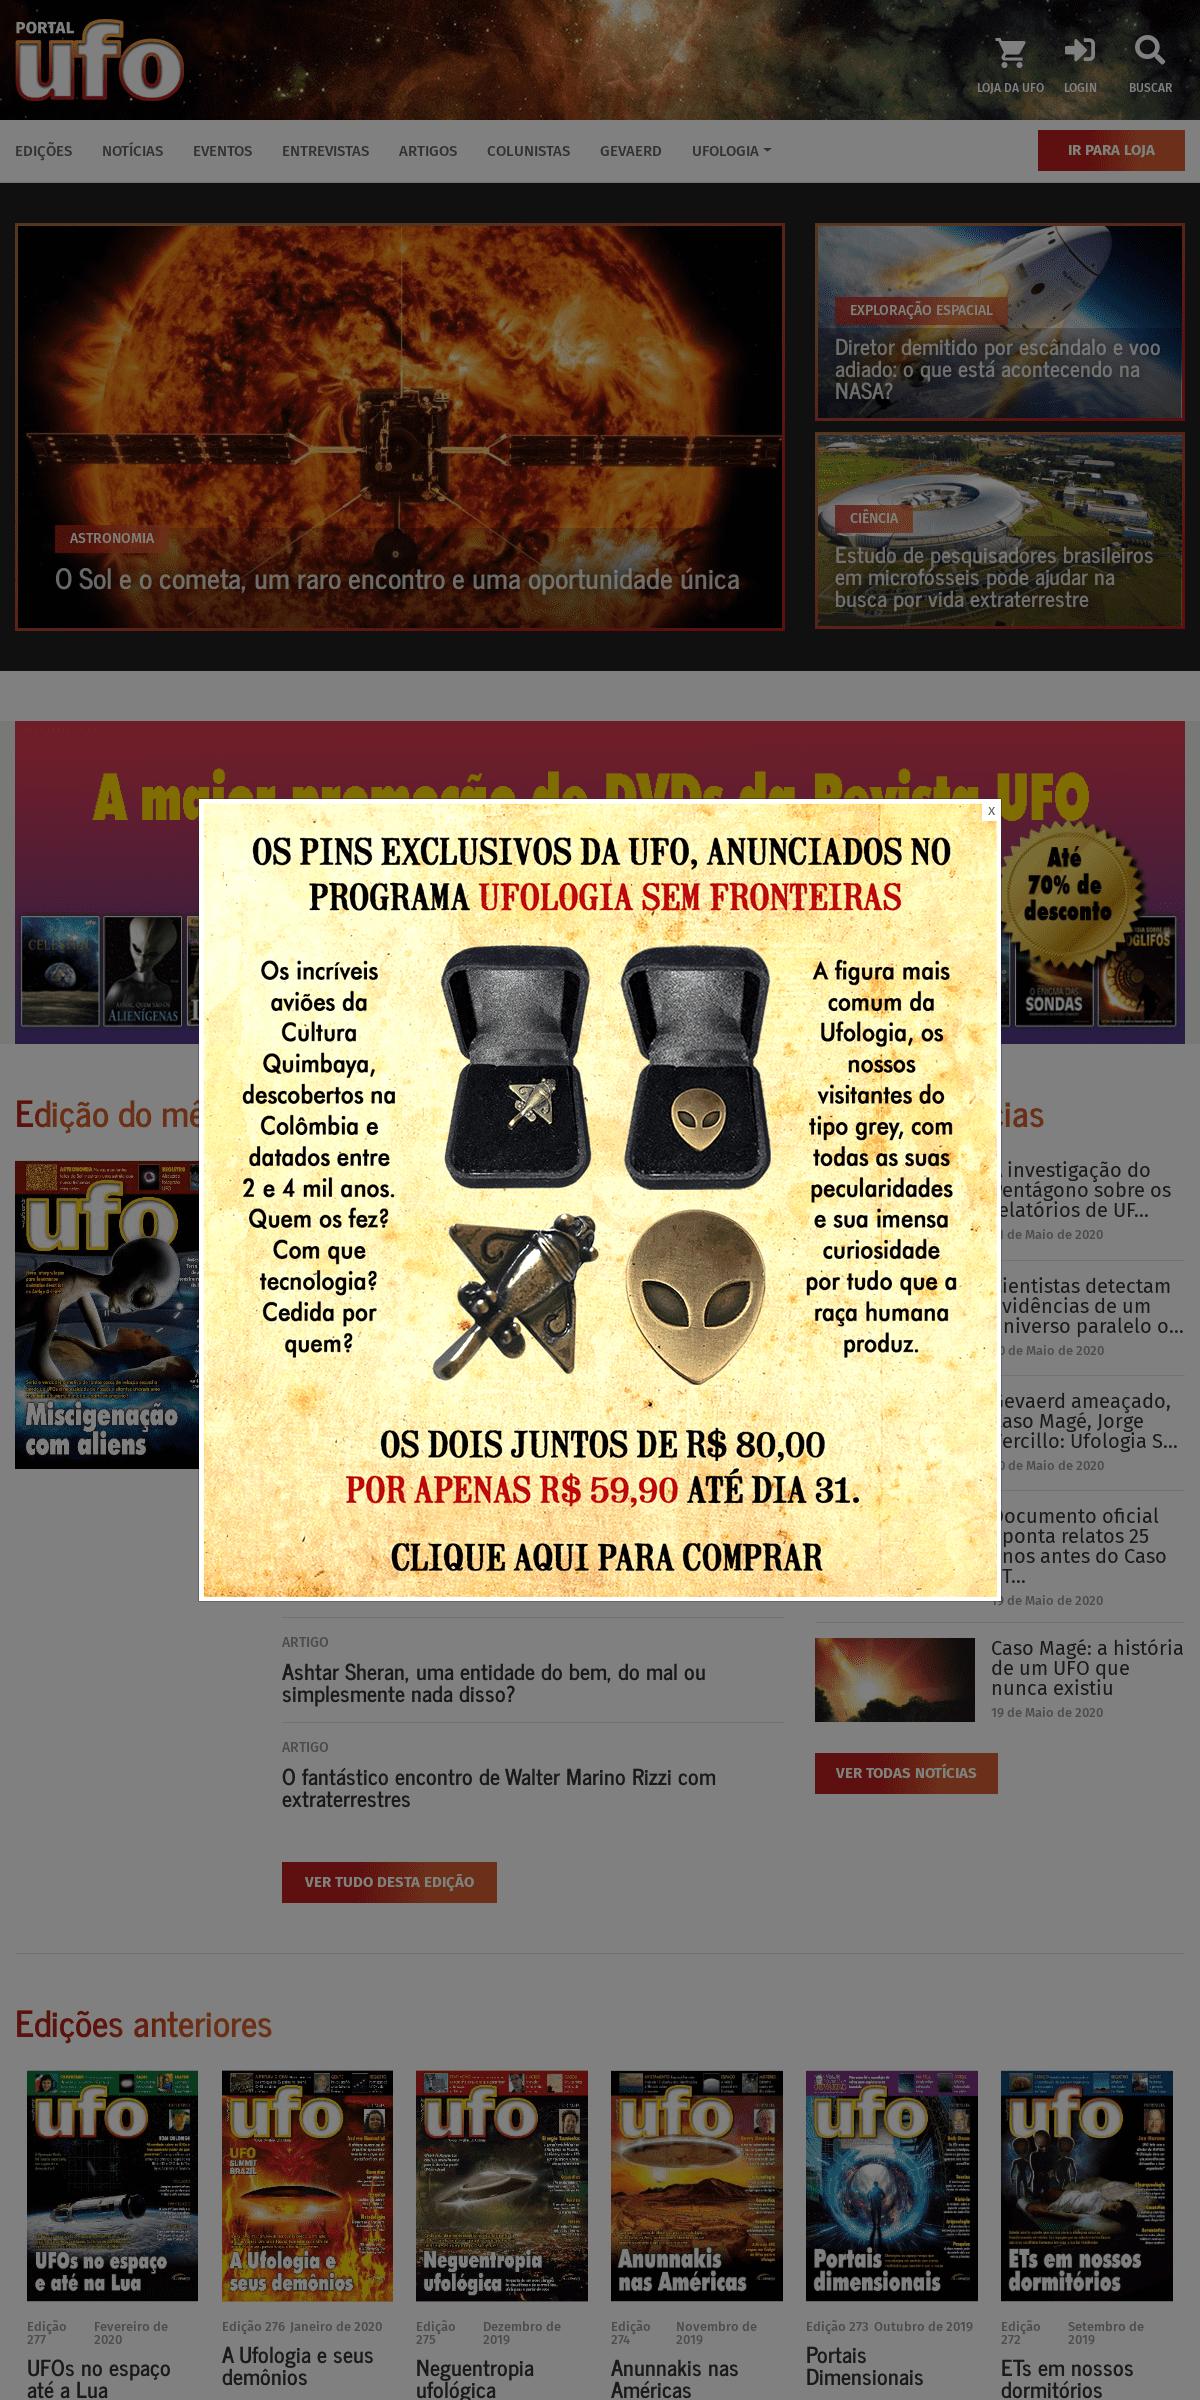 Revista UFO - Portal da Ufologia Brasileira - A mais antiga revista sobre discos voadores do mundo